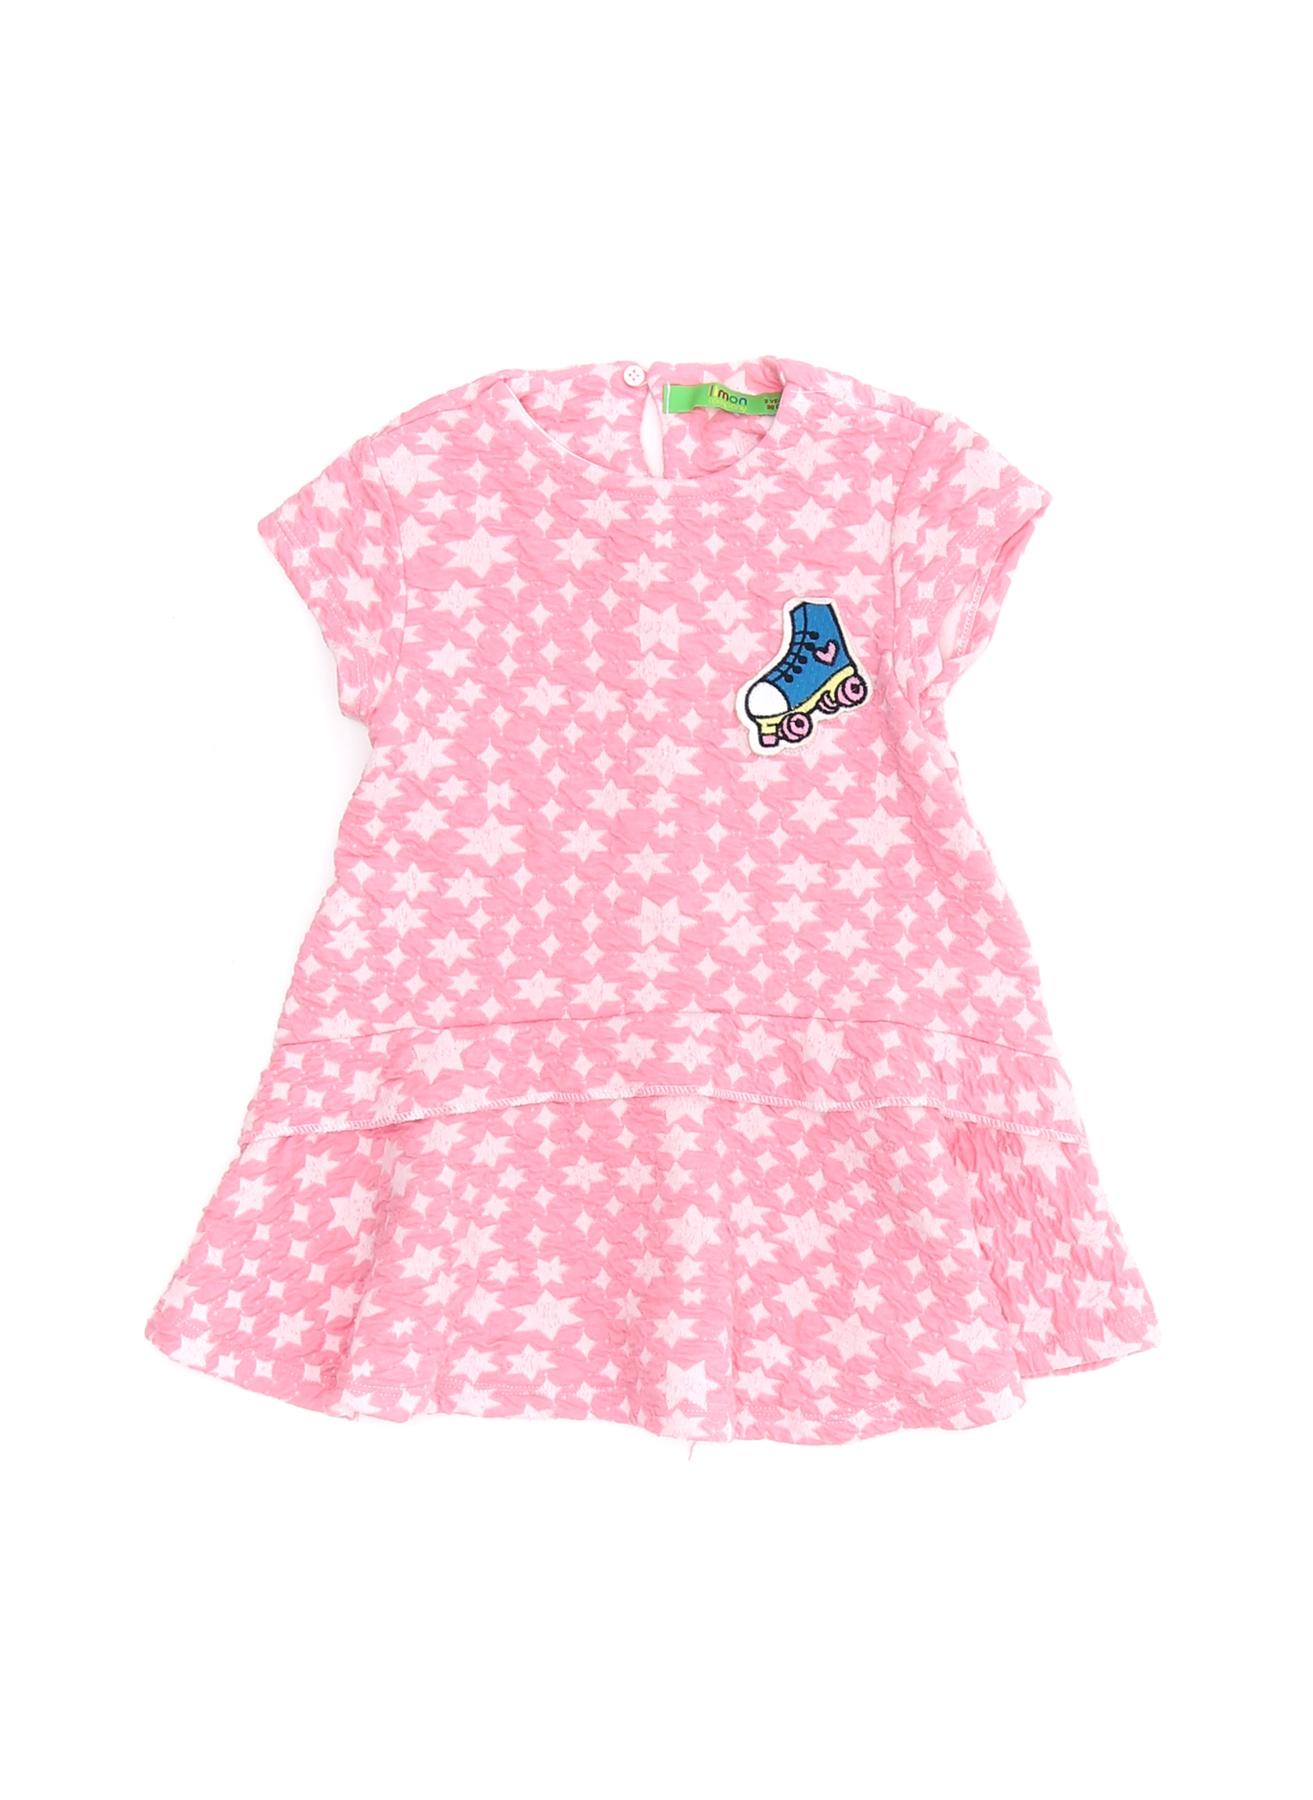 Limon Elbise 3 Yaş 5000162320001 Ürün Resmi